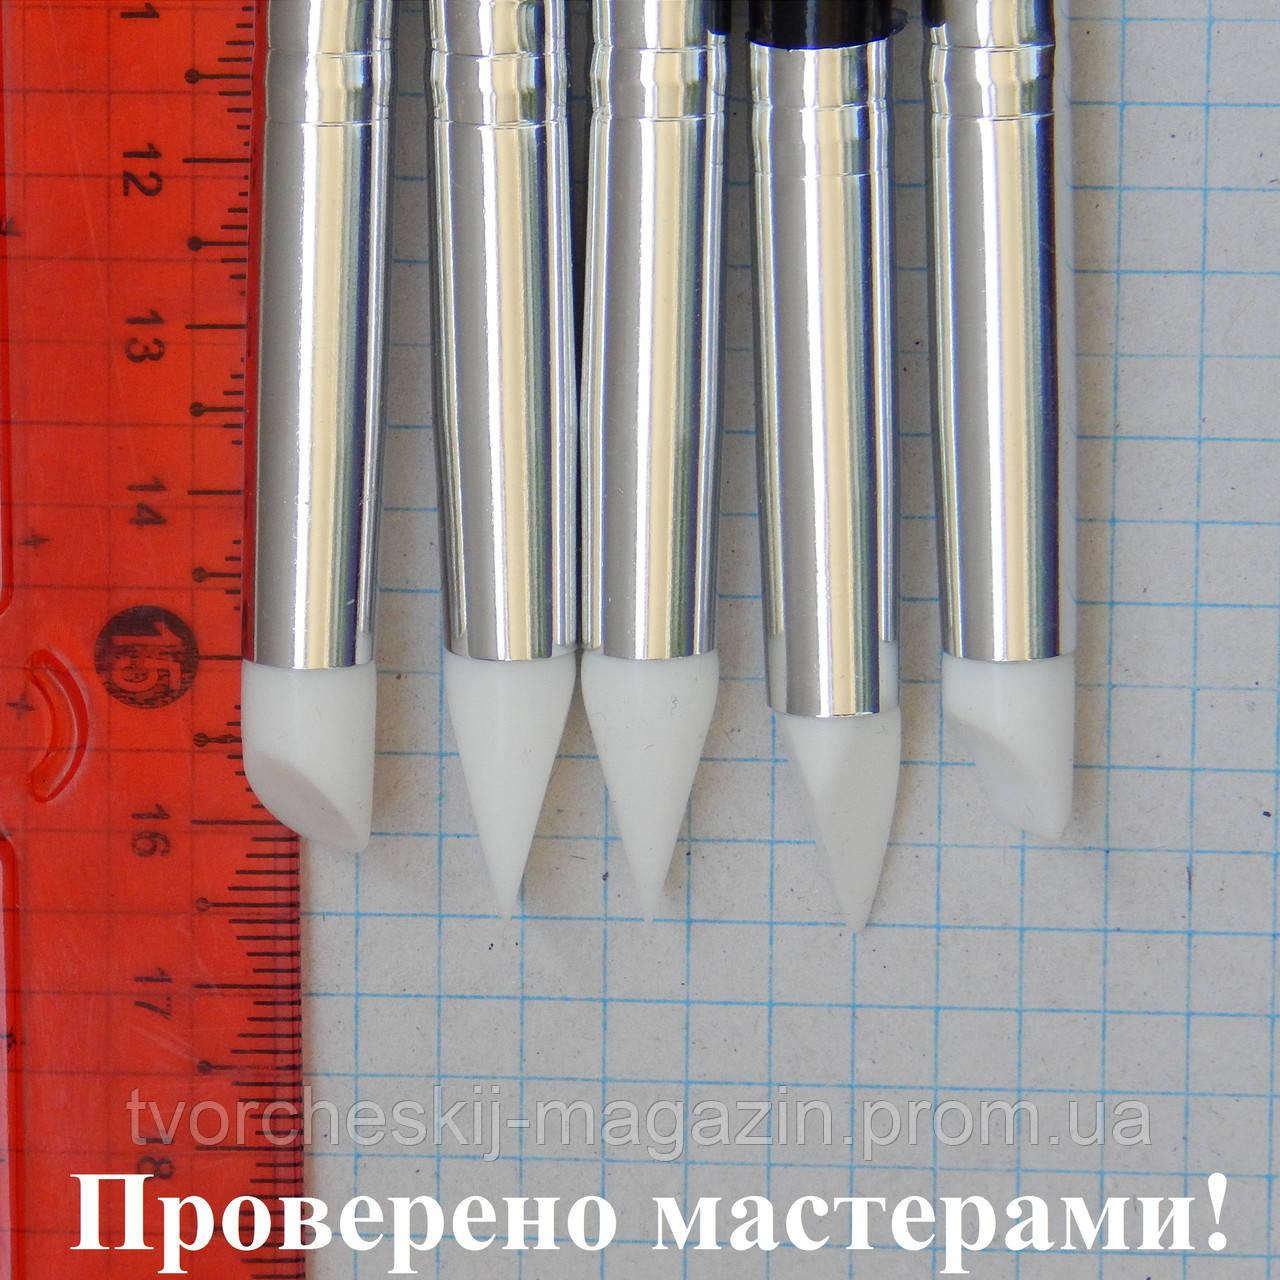 Силиконовая кисть для лепки скошенная с 2-х сторон треугольником, 1 шт